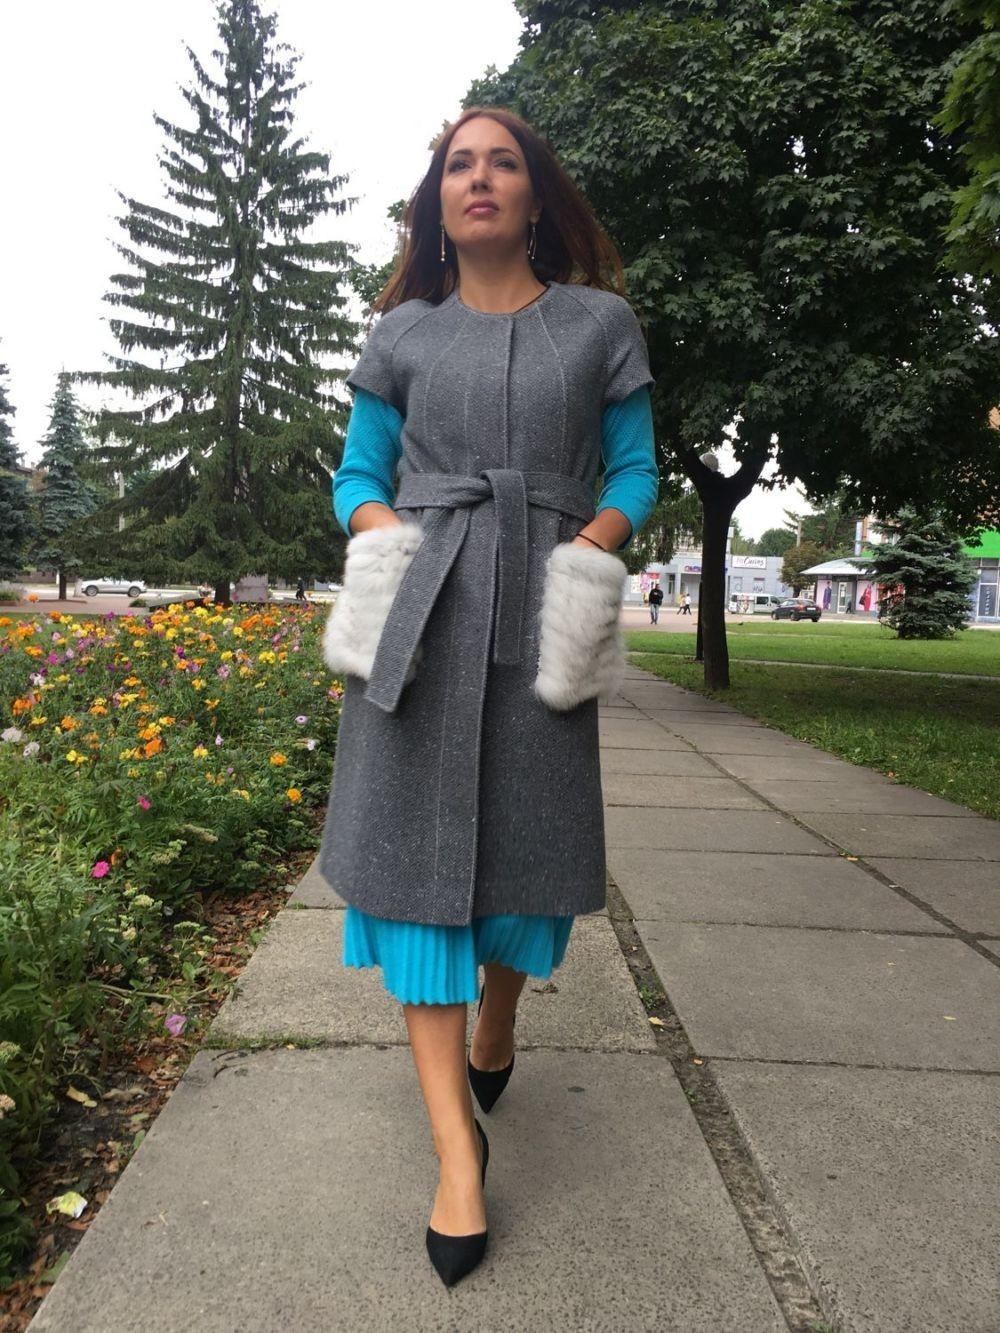 модное пальто осень зима 2018 2019 с коротким рукавом серое с меховыми карманами